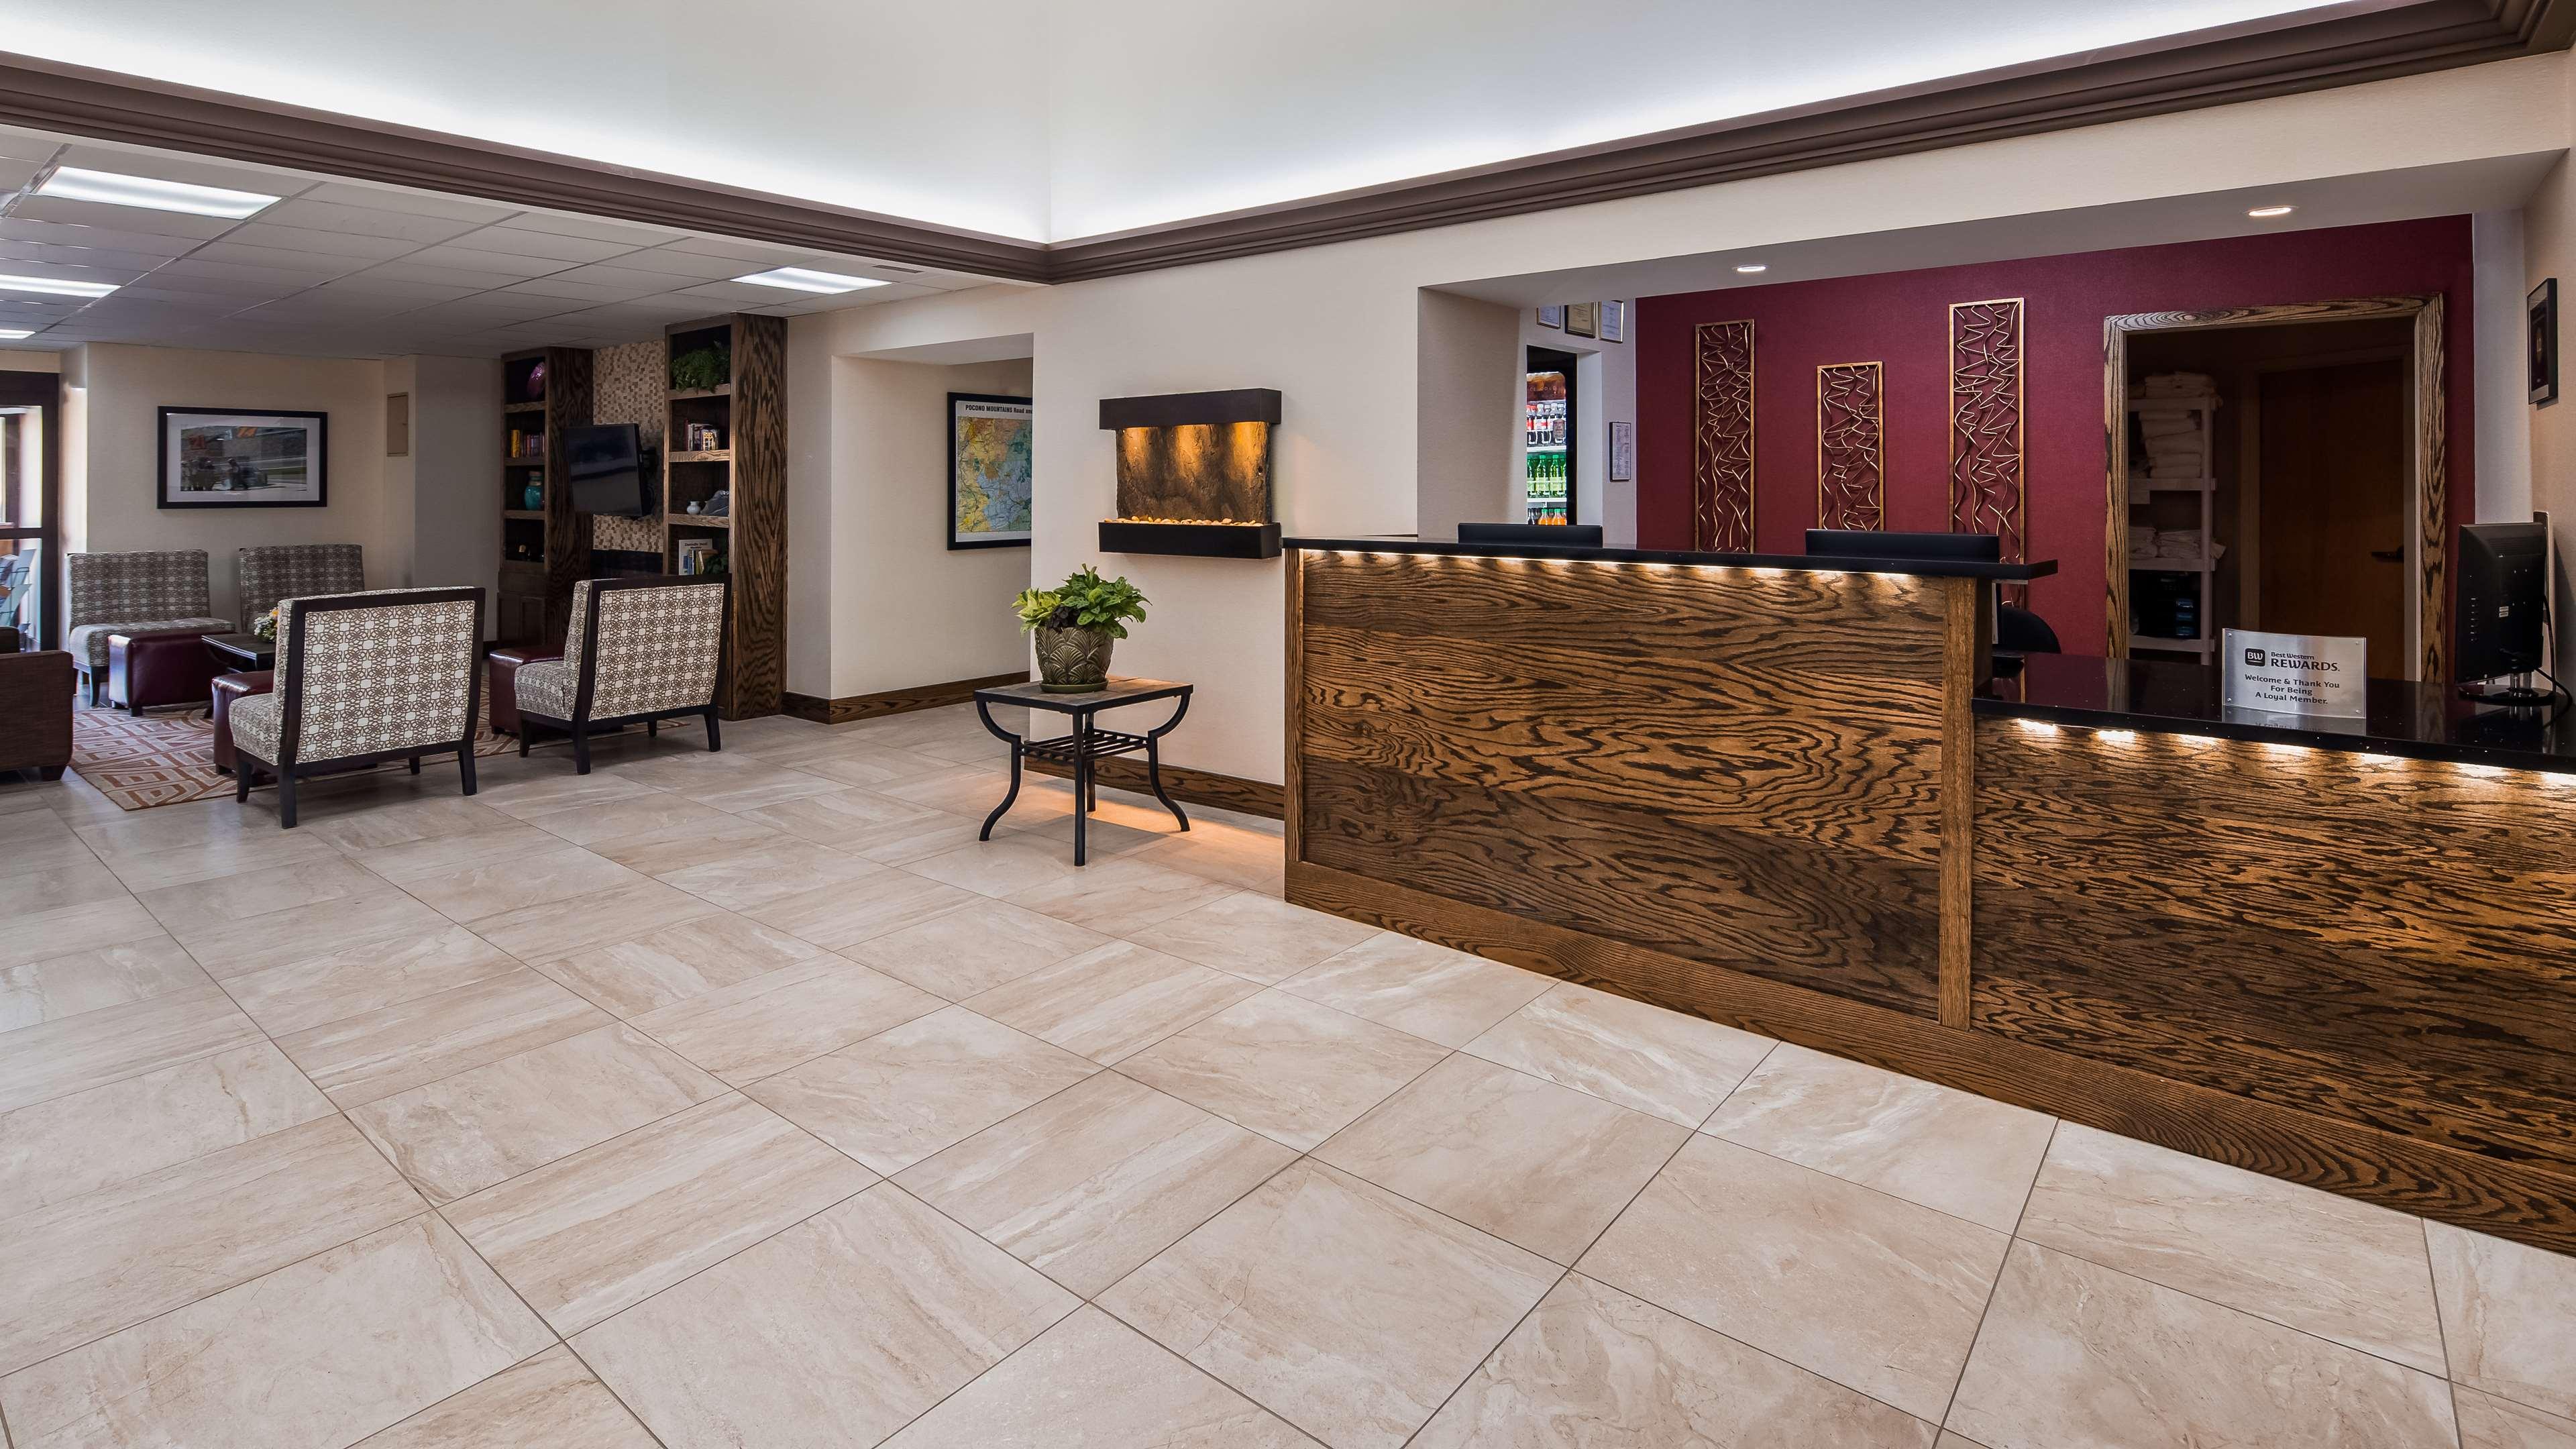 Best Western Inn at Blakeslee-Pocono image 1